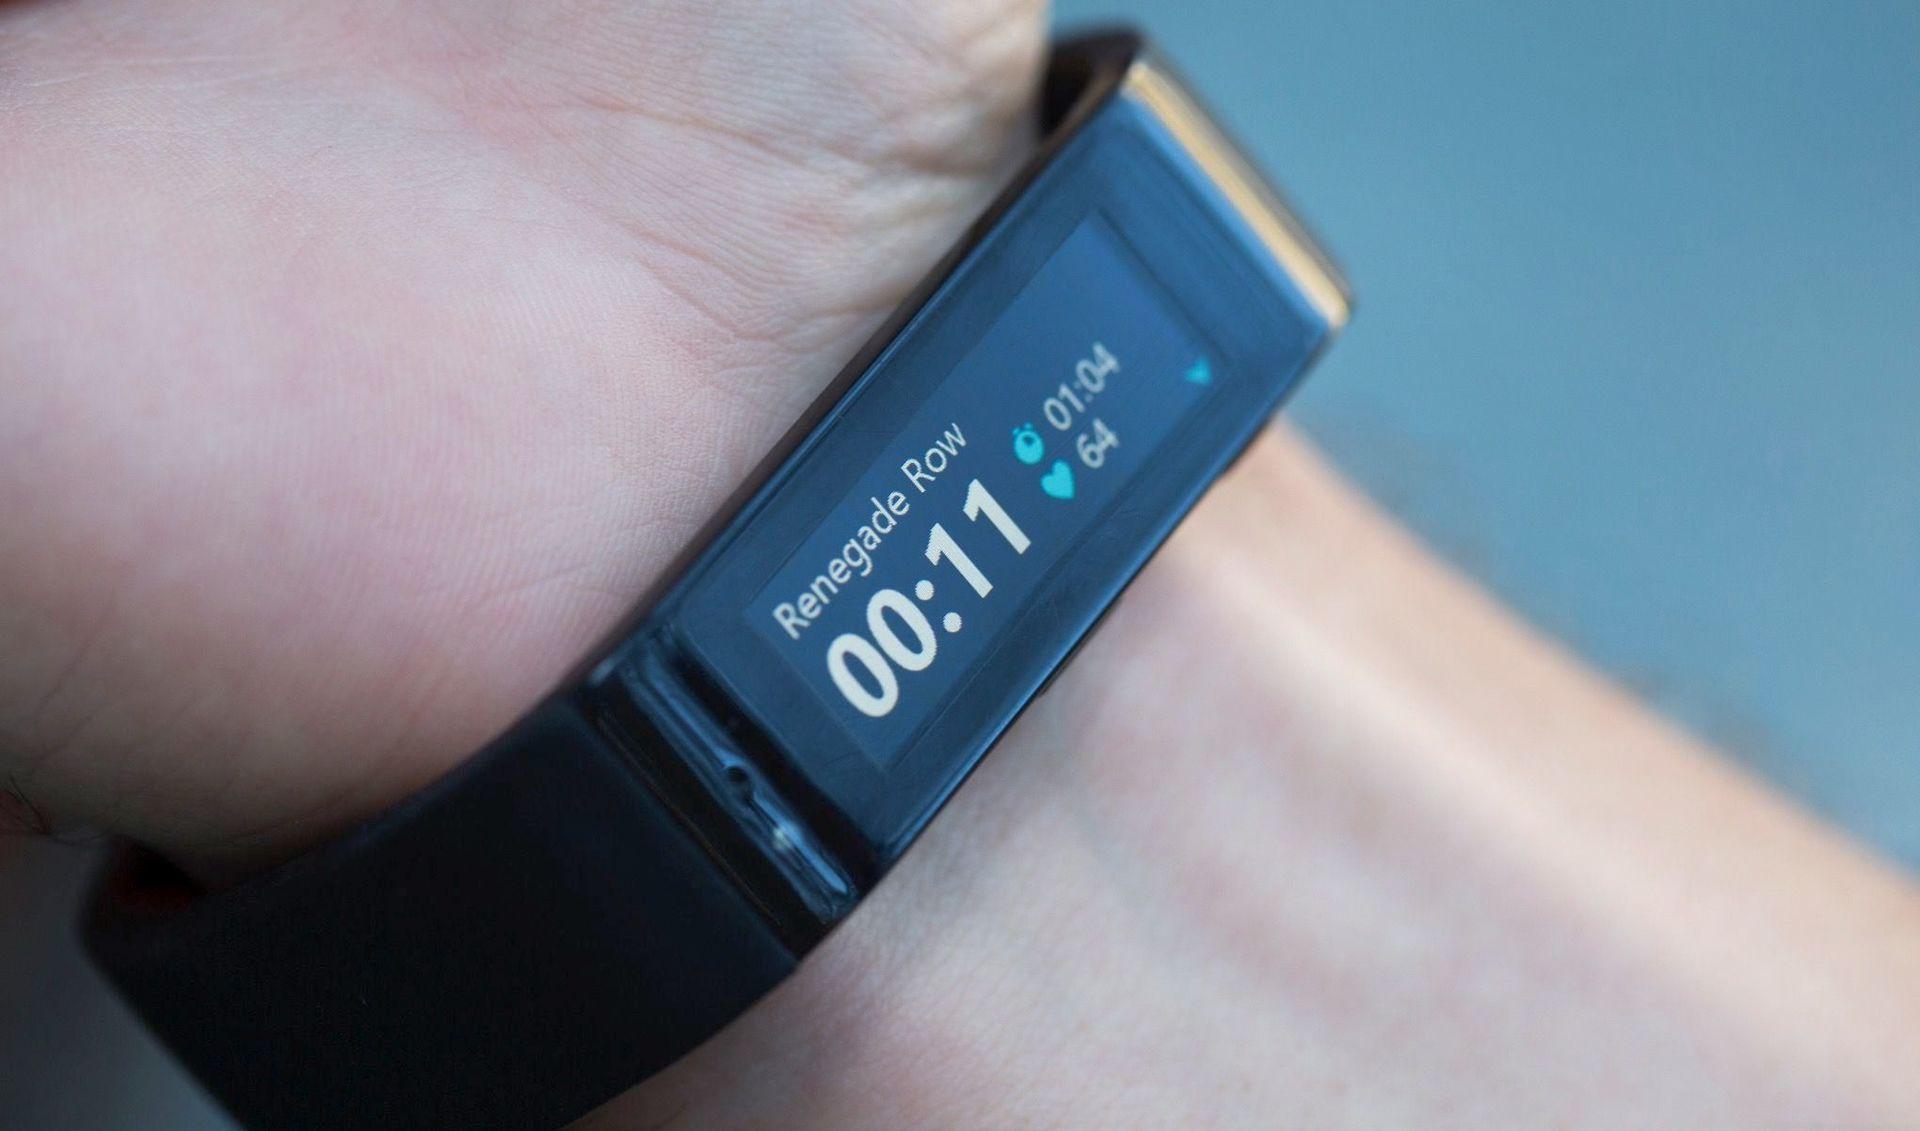 Google-ը Nexus Band կոչվող ֆիթնես թրեքեր կարտադրի